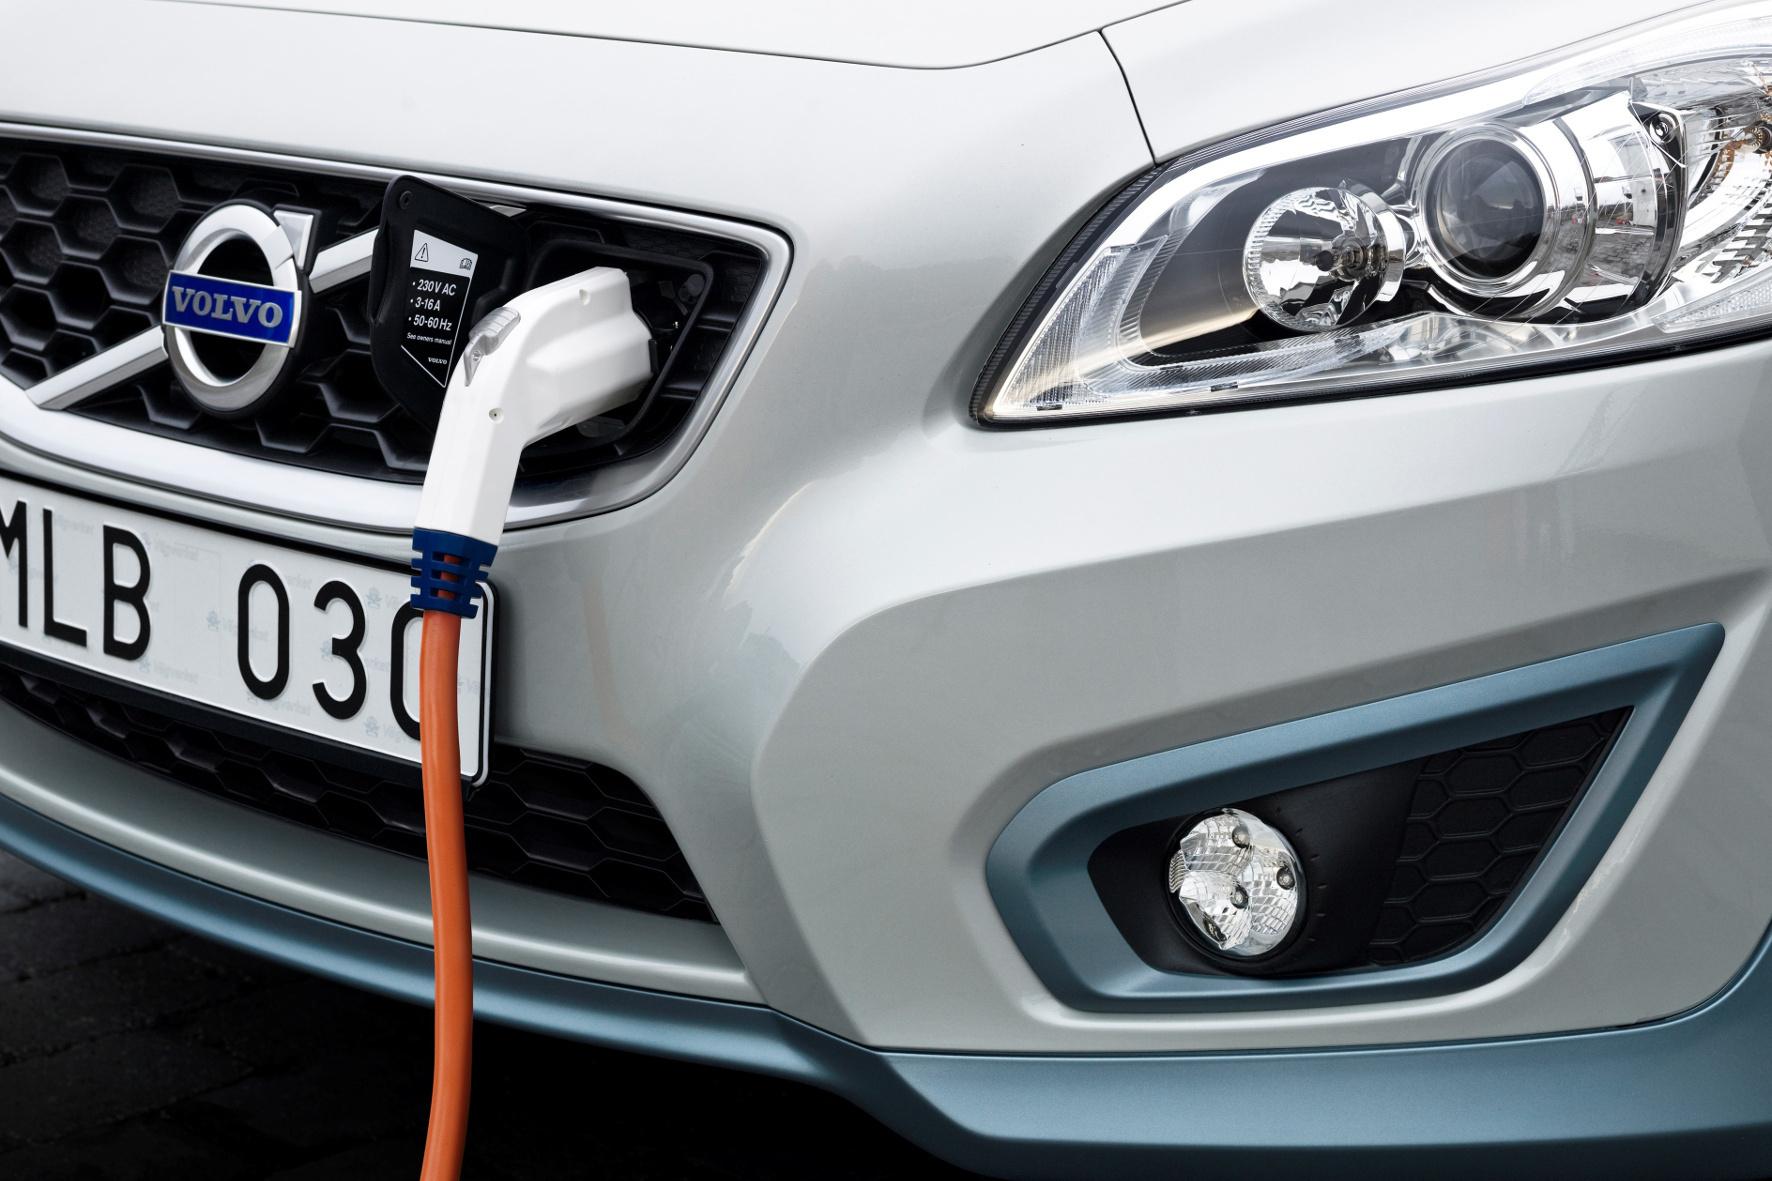 mid Groß-Gerau - Volvo setzt in den kommenden Jahren zunehmend auf Elektro- und Hybrid-Antriebe.